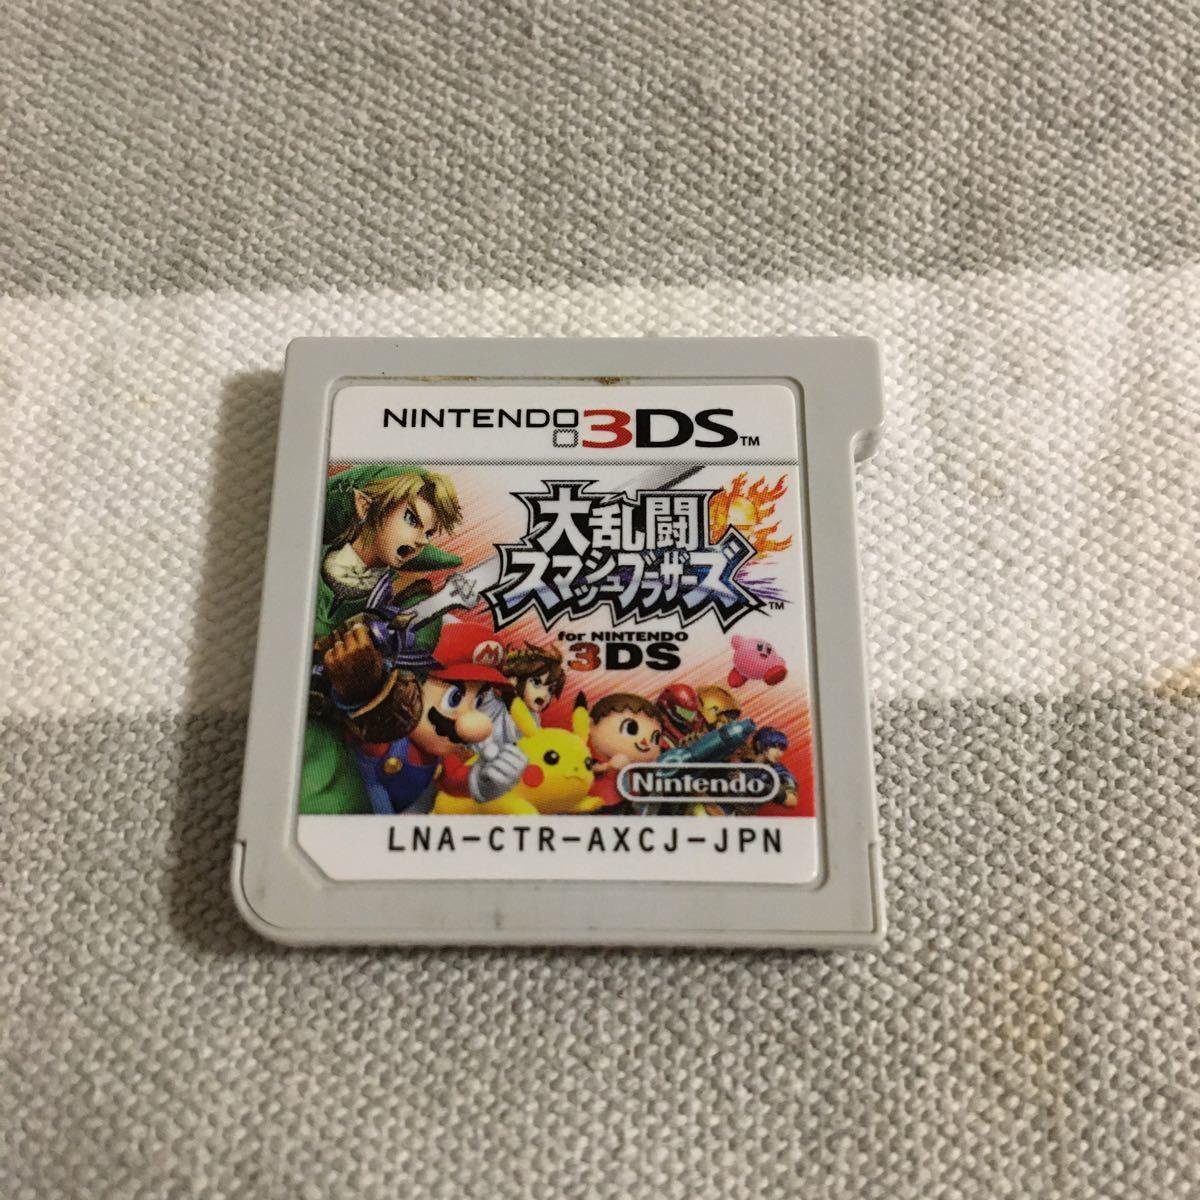 大乱闘スマッシュブラザーズ3DS ニンテンドー3DS ソフト